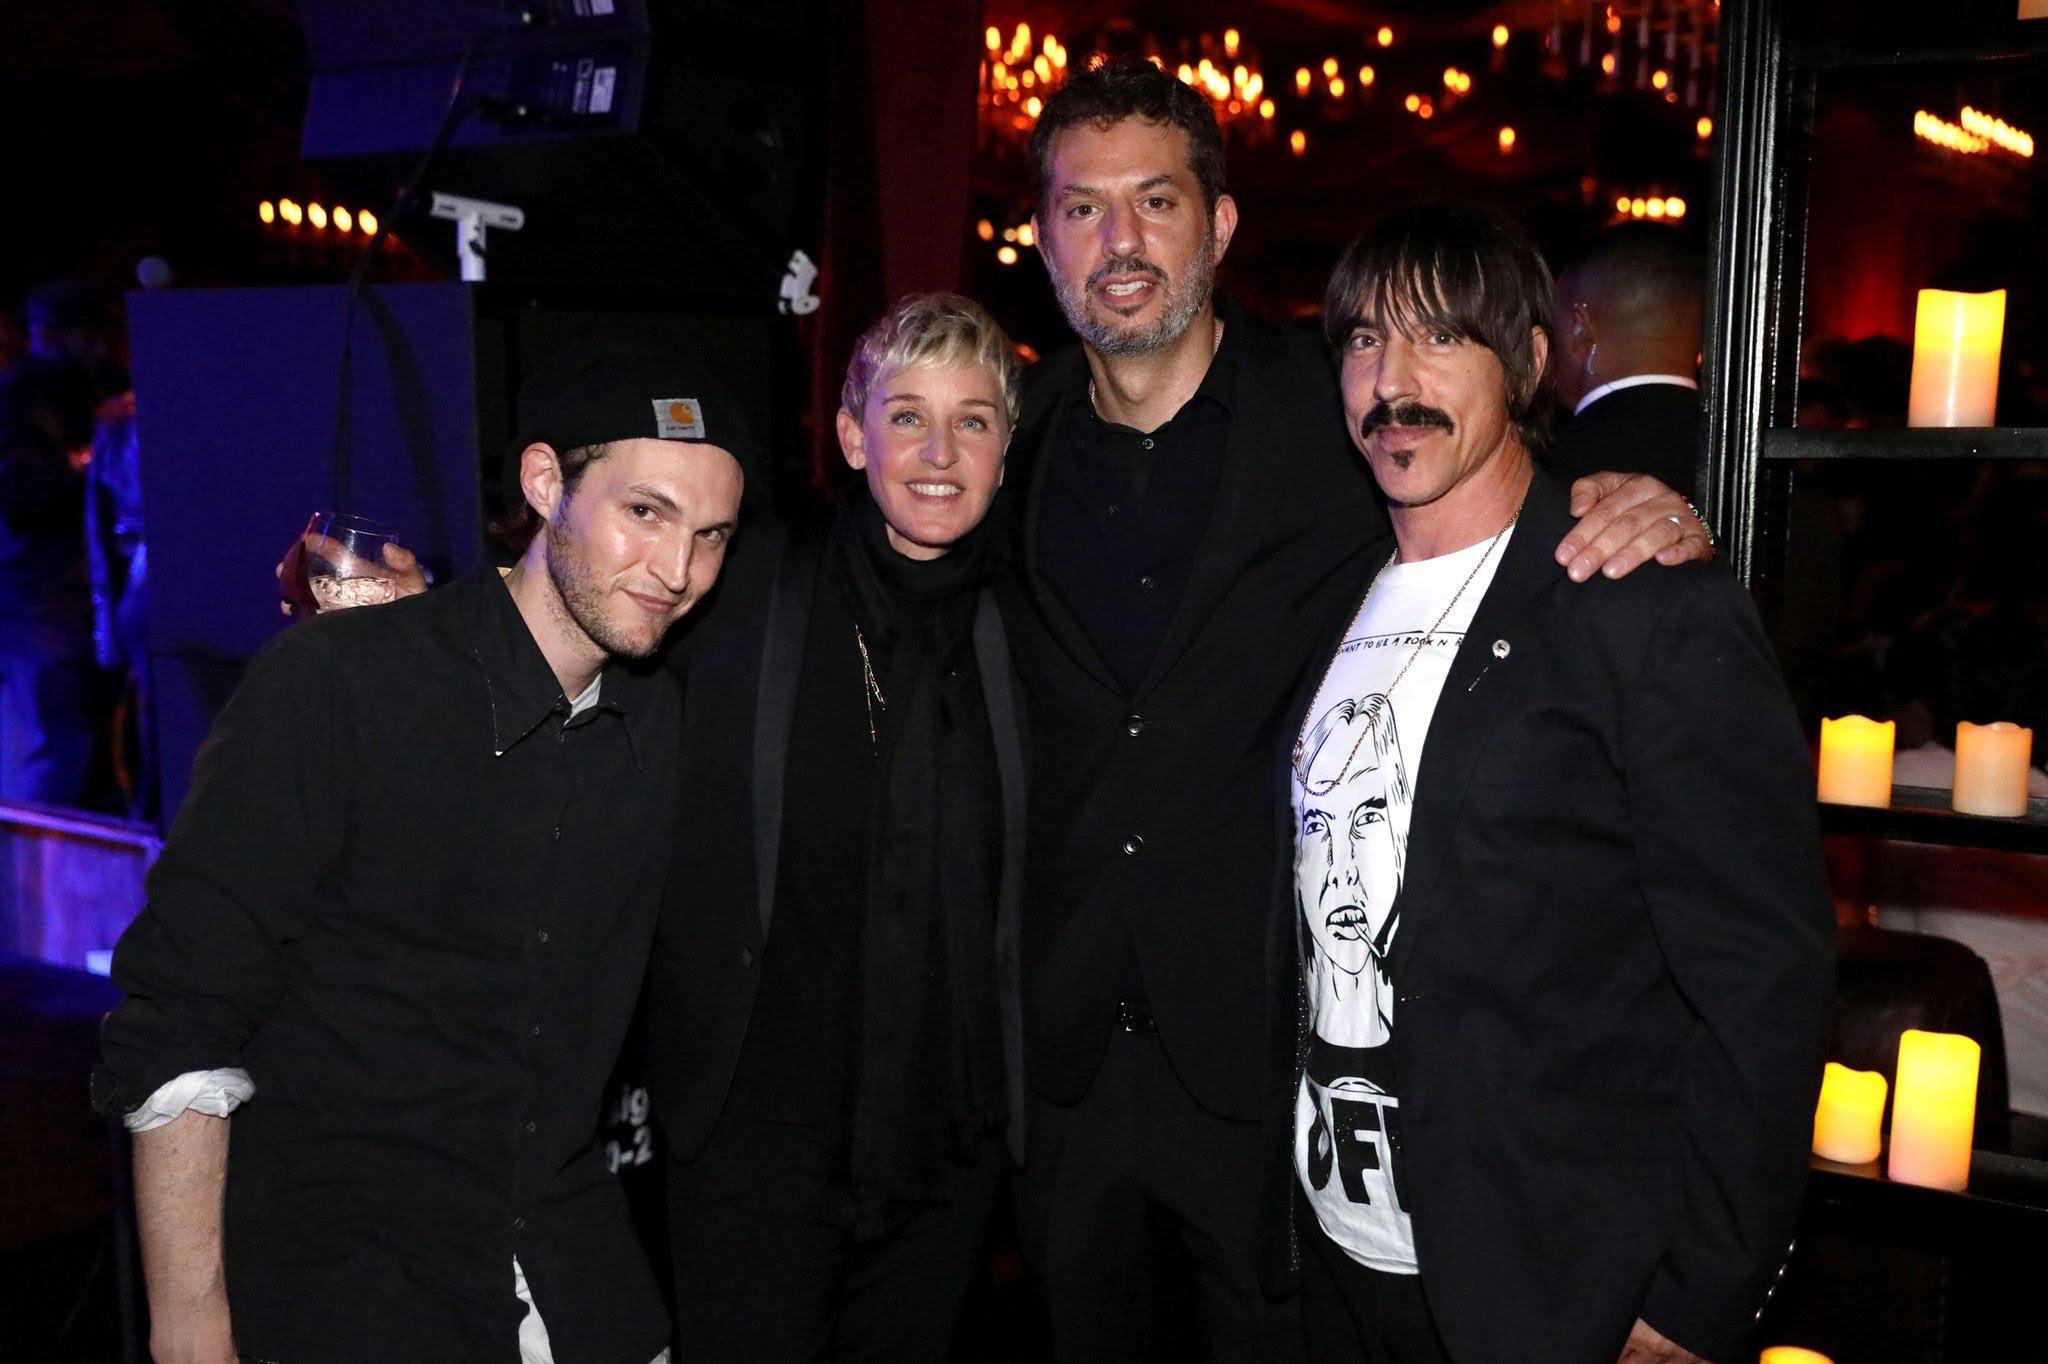 Много е популярна. Други гости бяха Anthony Kiedis и Josh Klinghoffer от Ред Хот и мениджърът им Guy Oseary